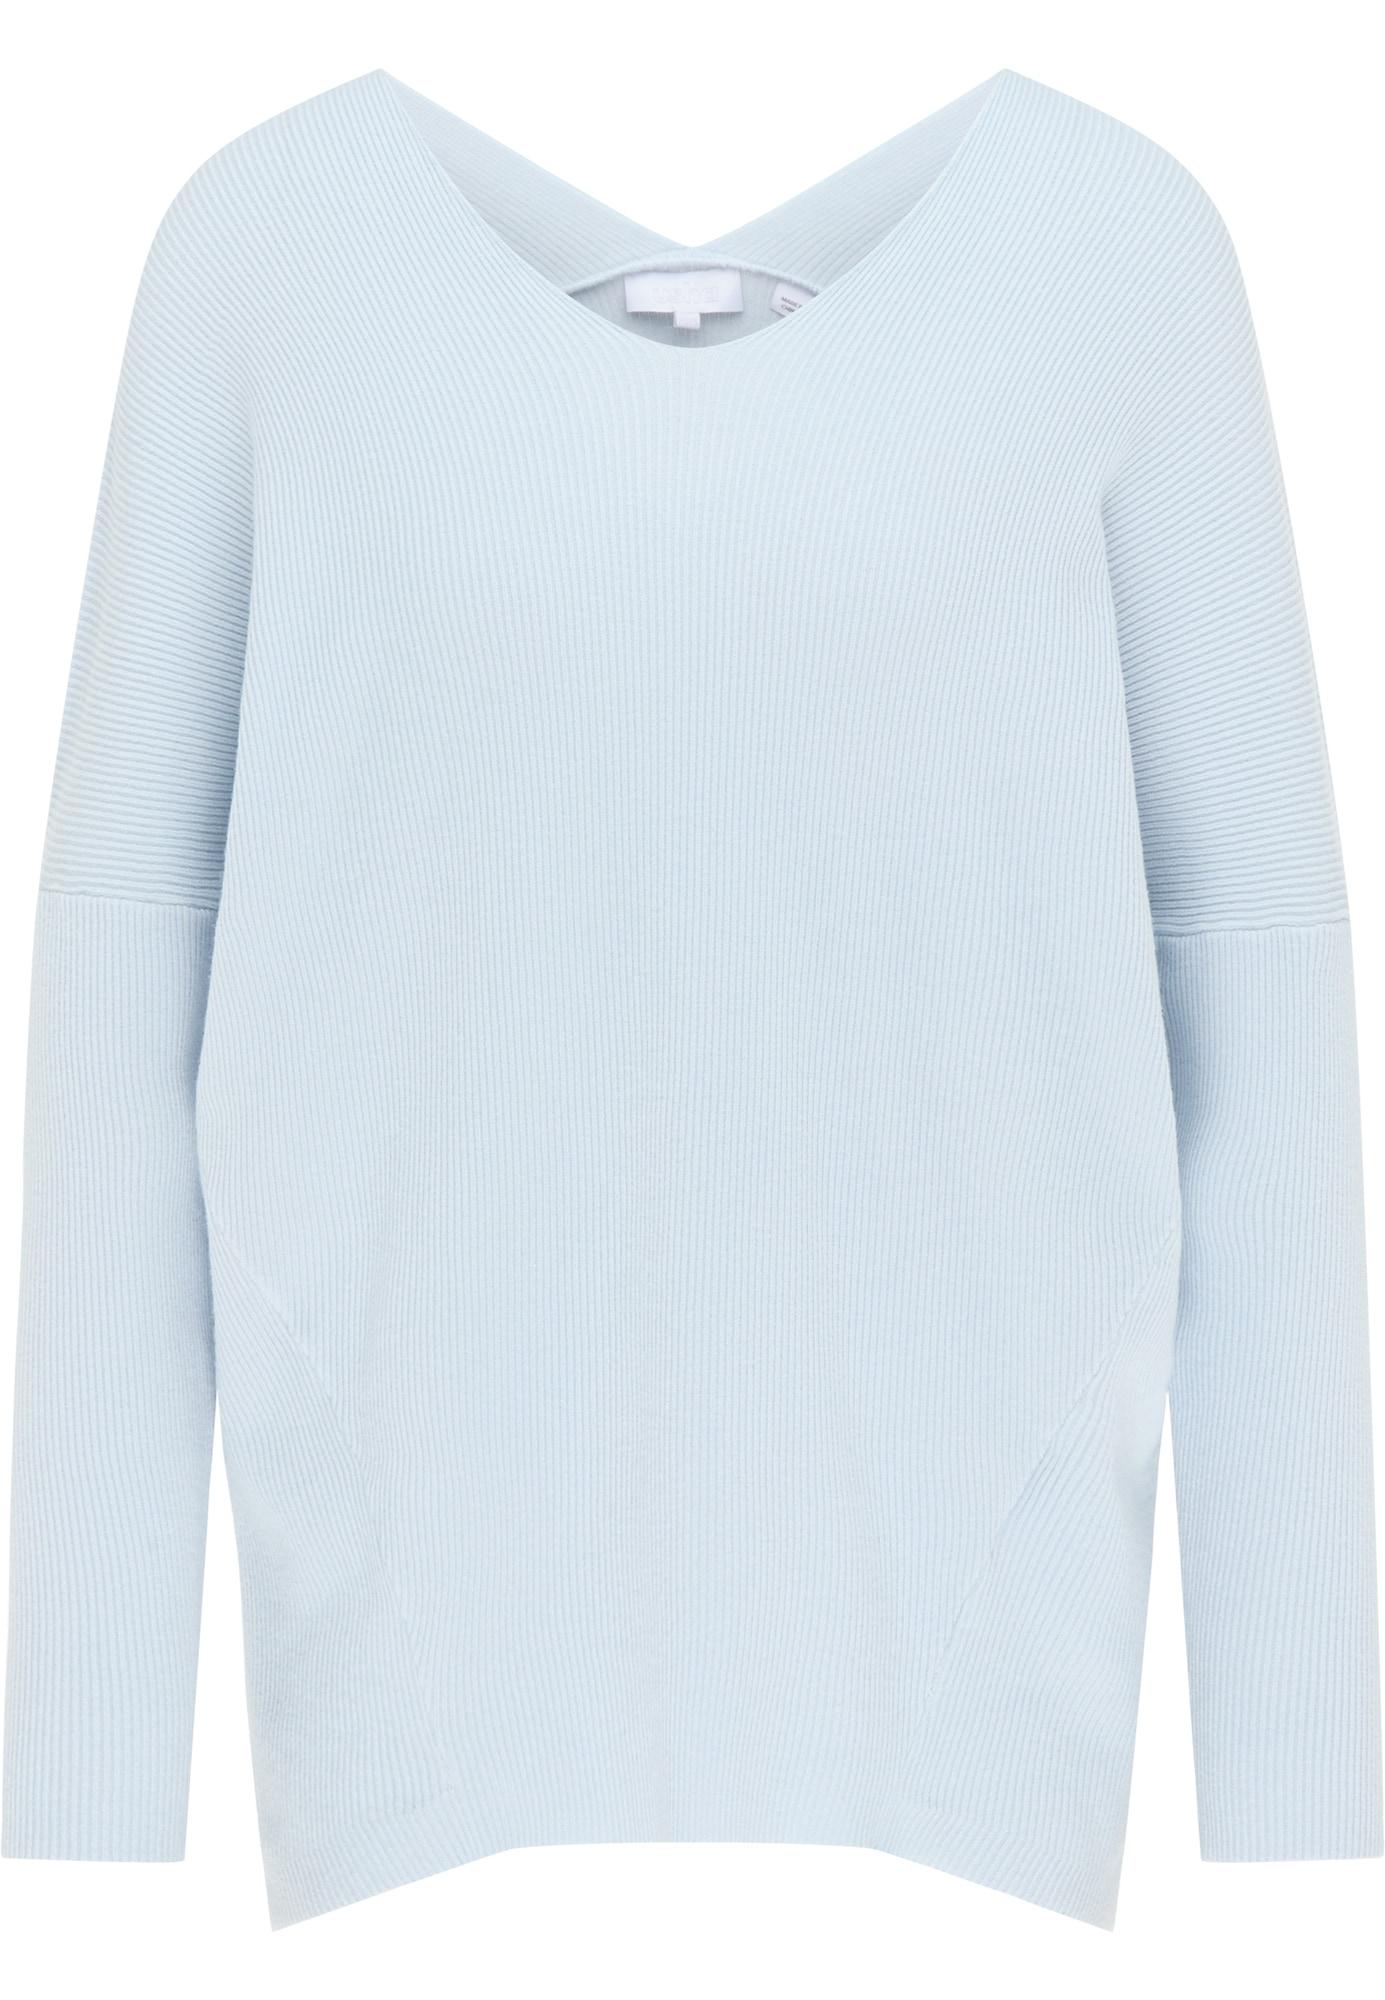 usha WHITE LABEL Megztinis pastelinė mėlyna